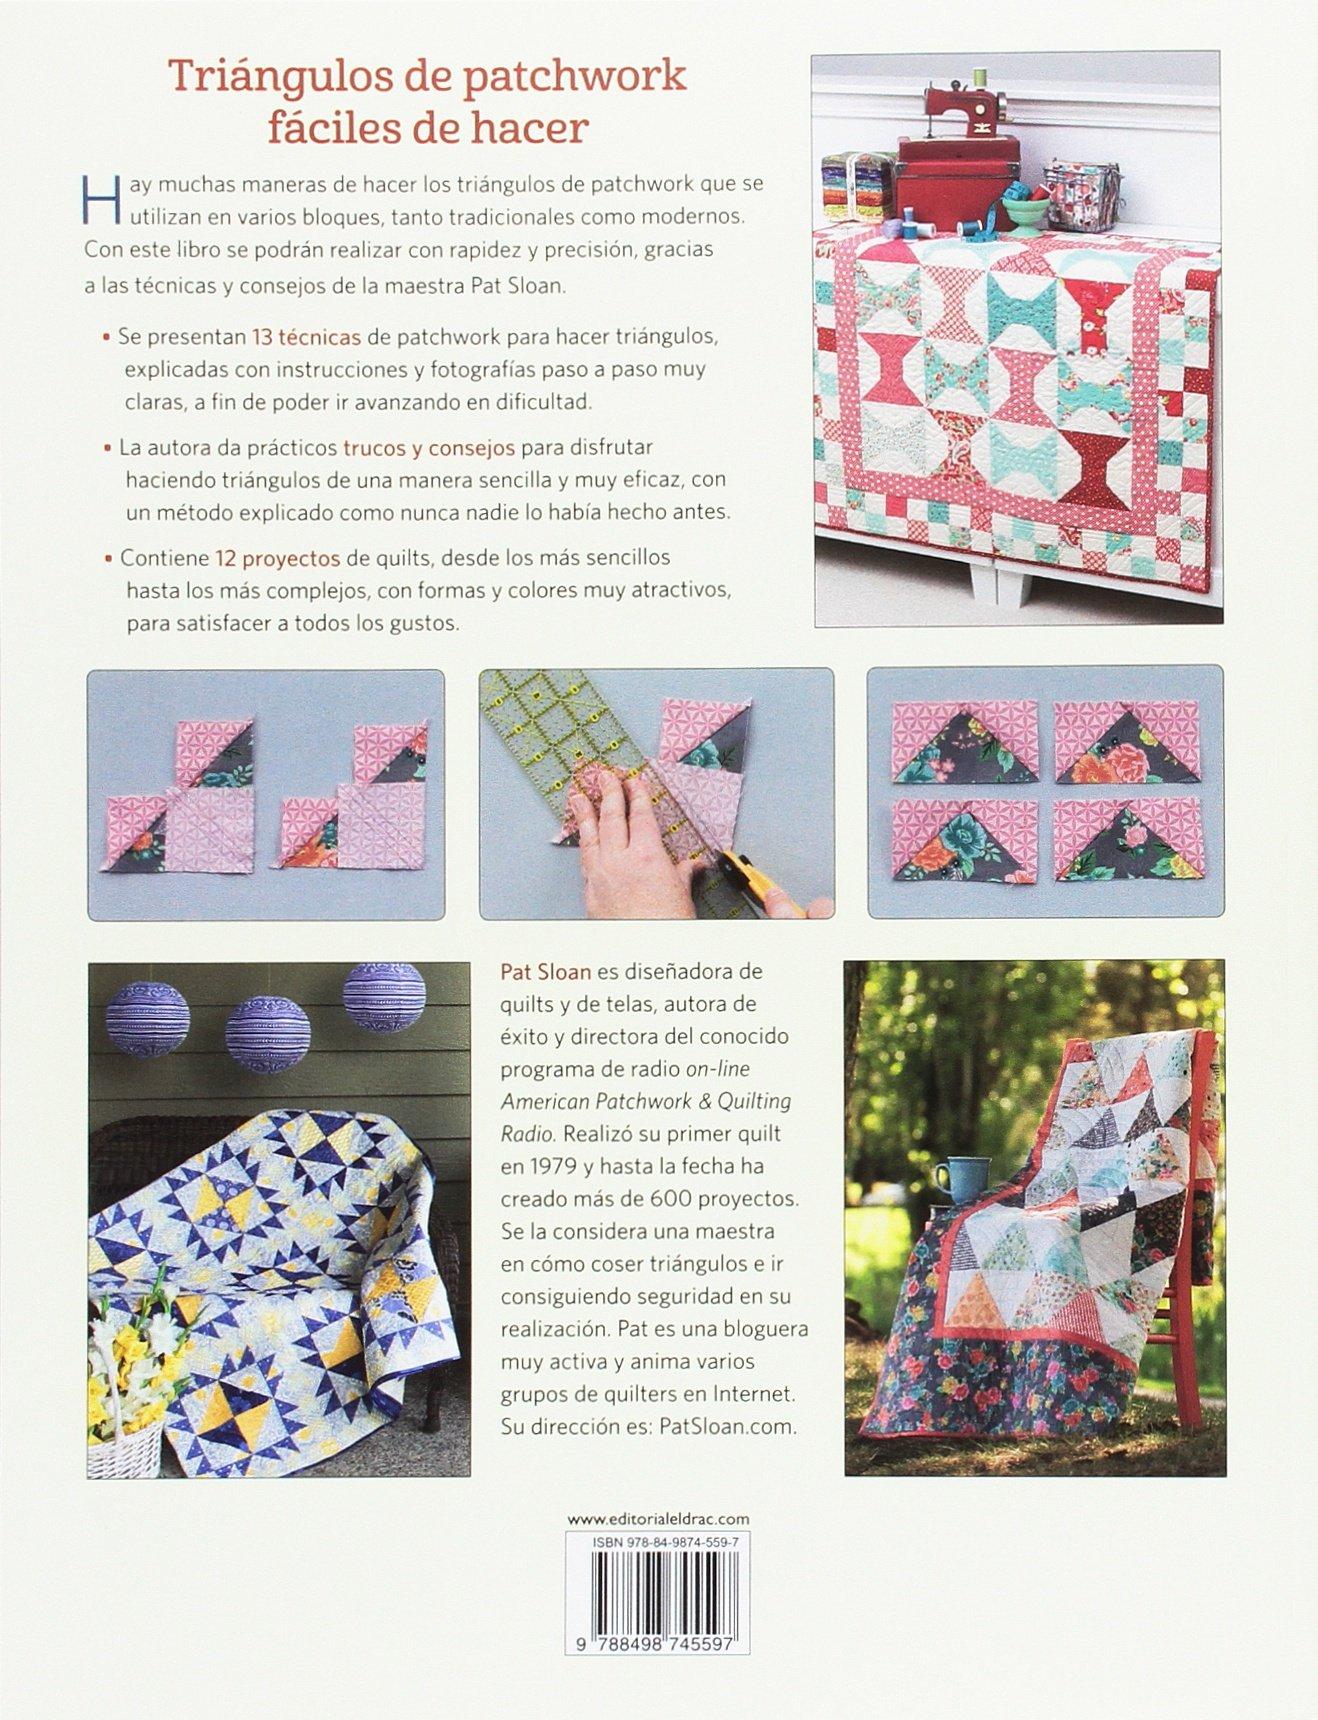 Cómo coser triángulos. 13 técnicas de patchwork fáciles de hacer ...